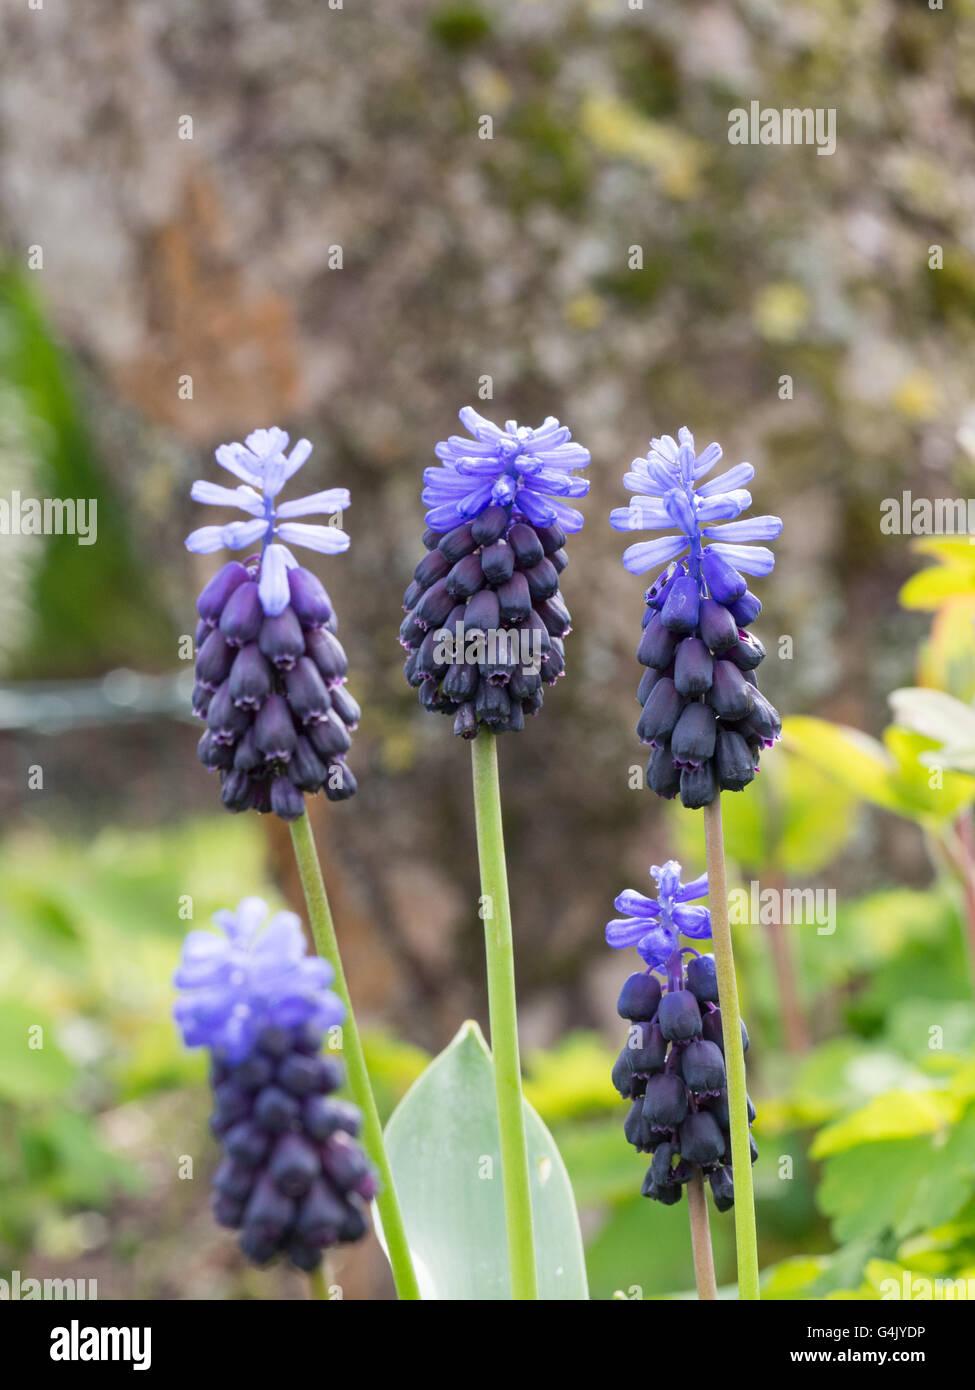 Muscari latifolium flowers Stock Photo